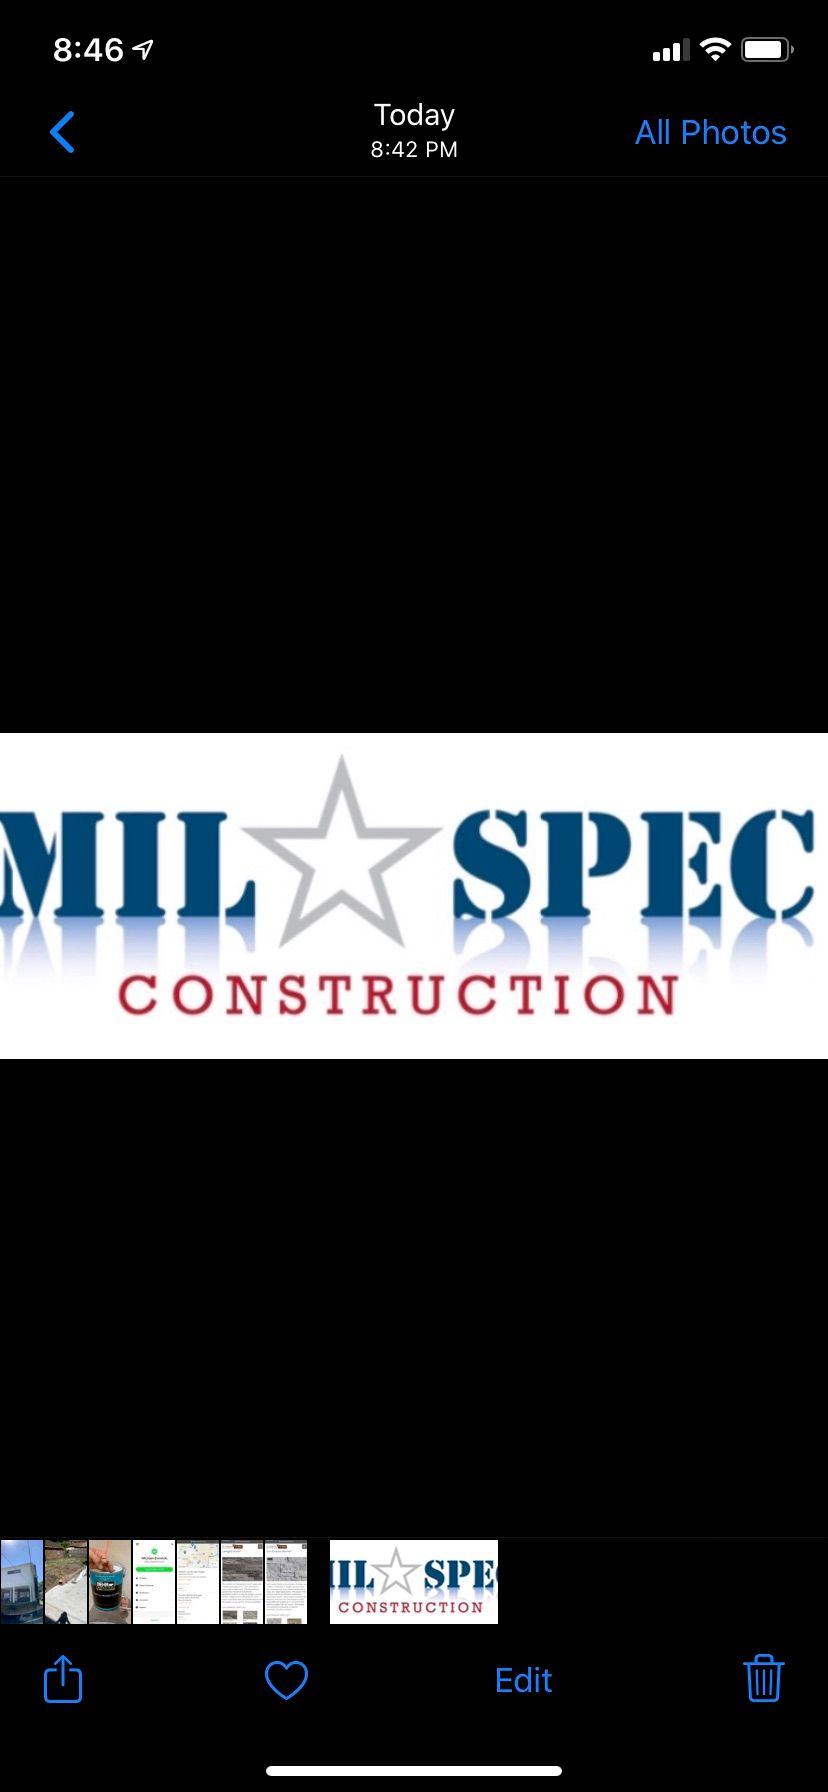 MIL-SPEC Construction